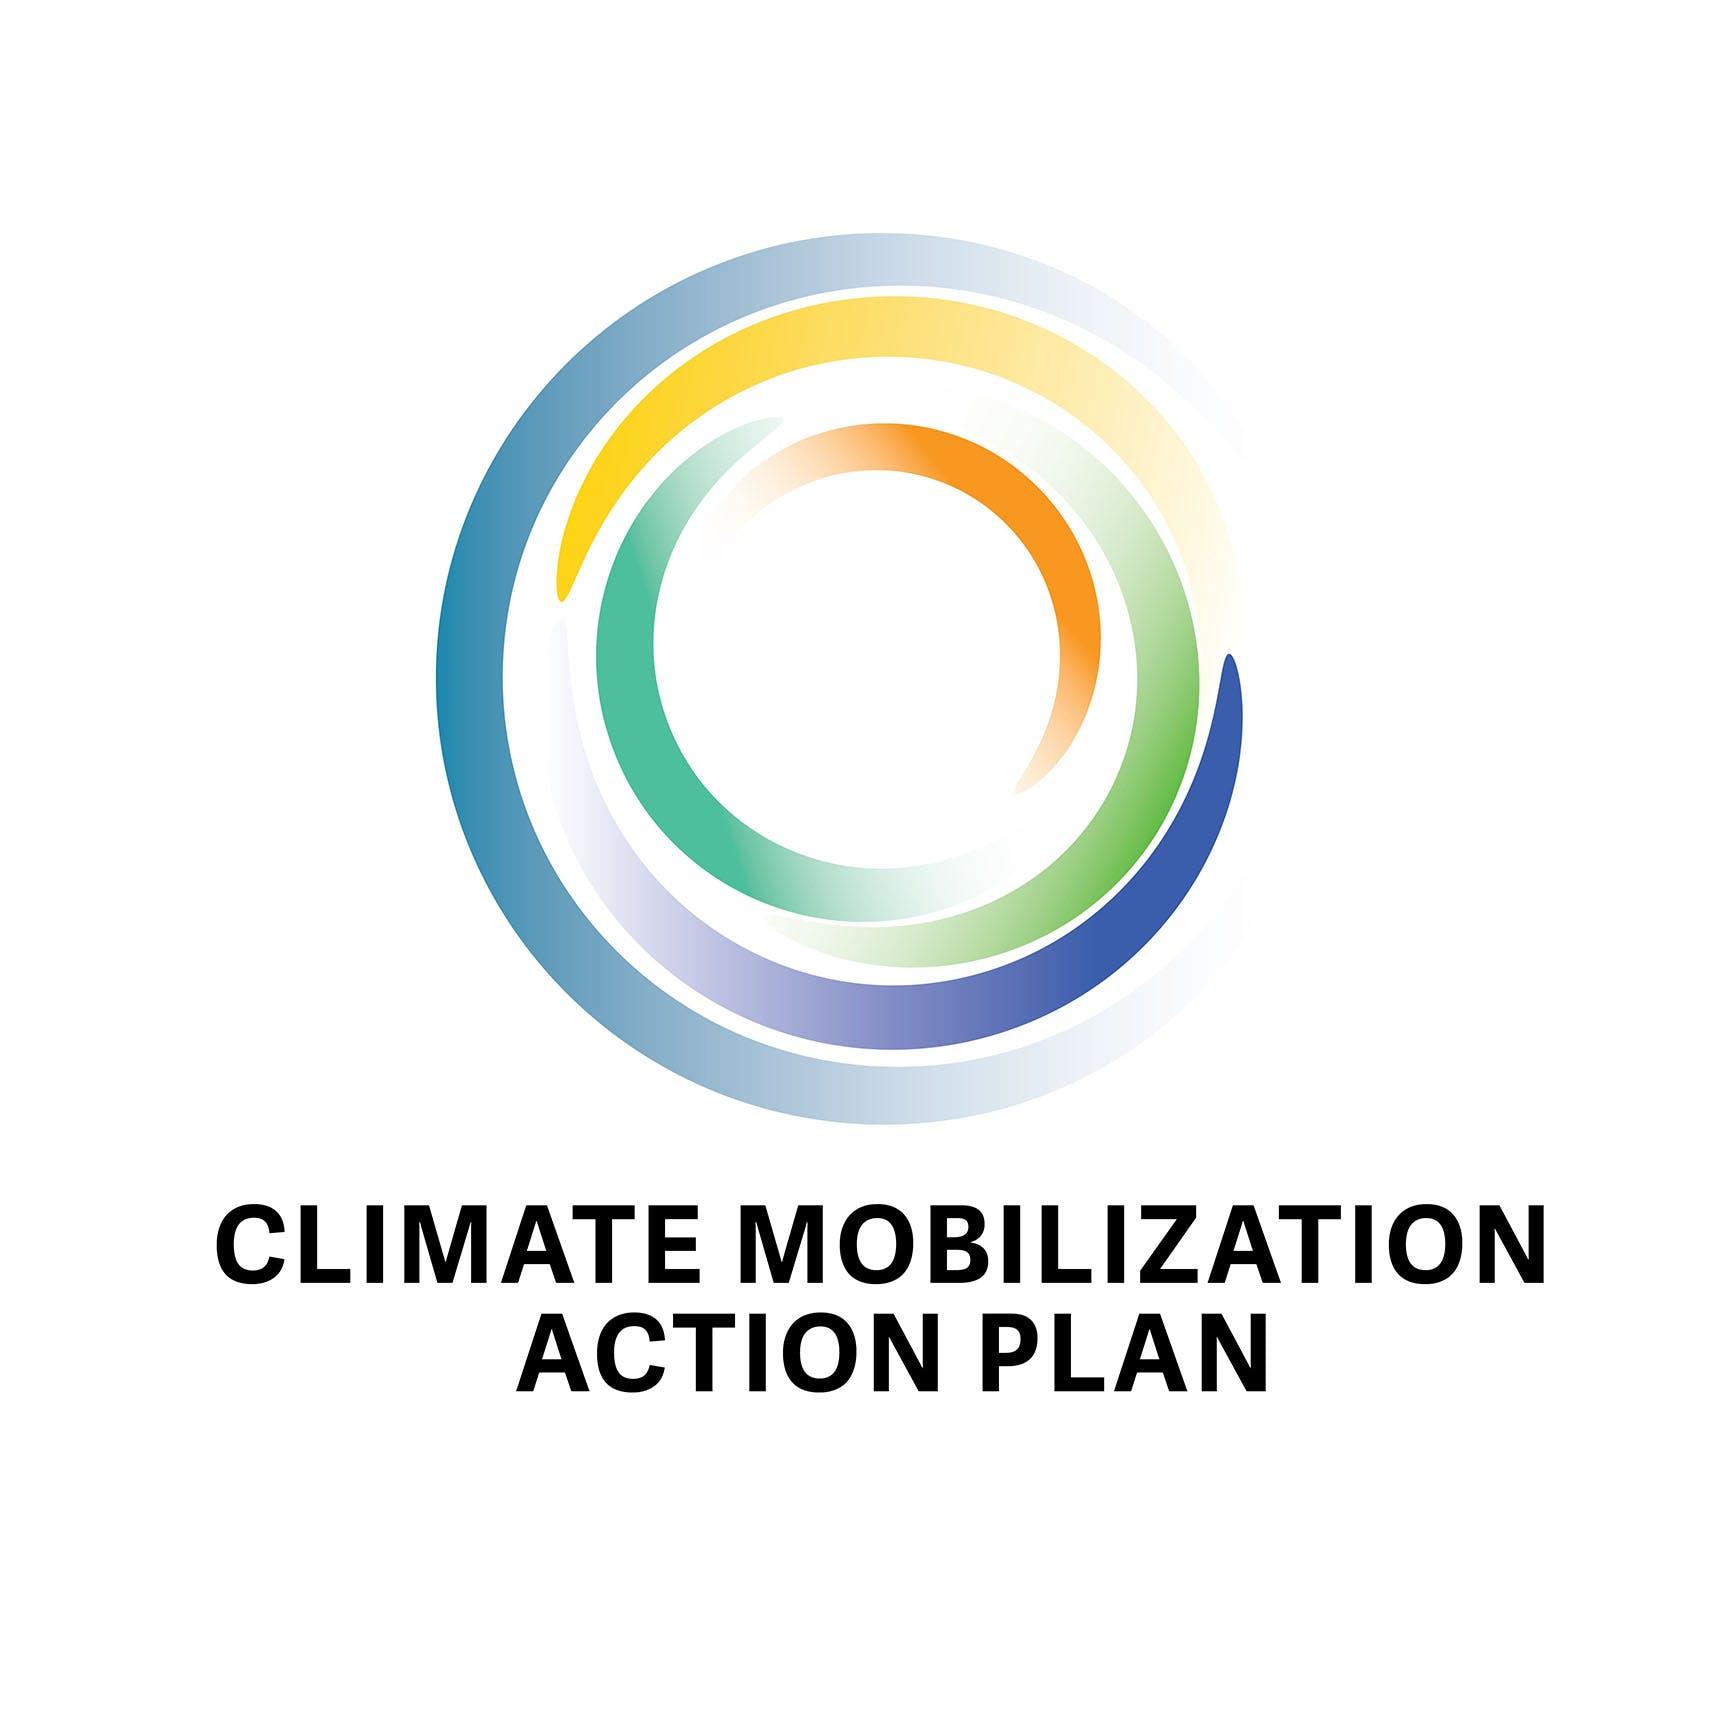 Climate Mobilization Action Plan